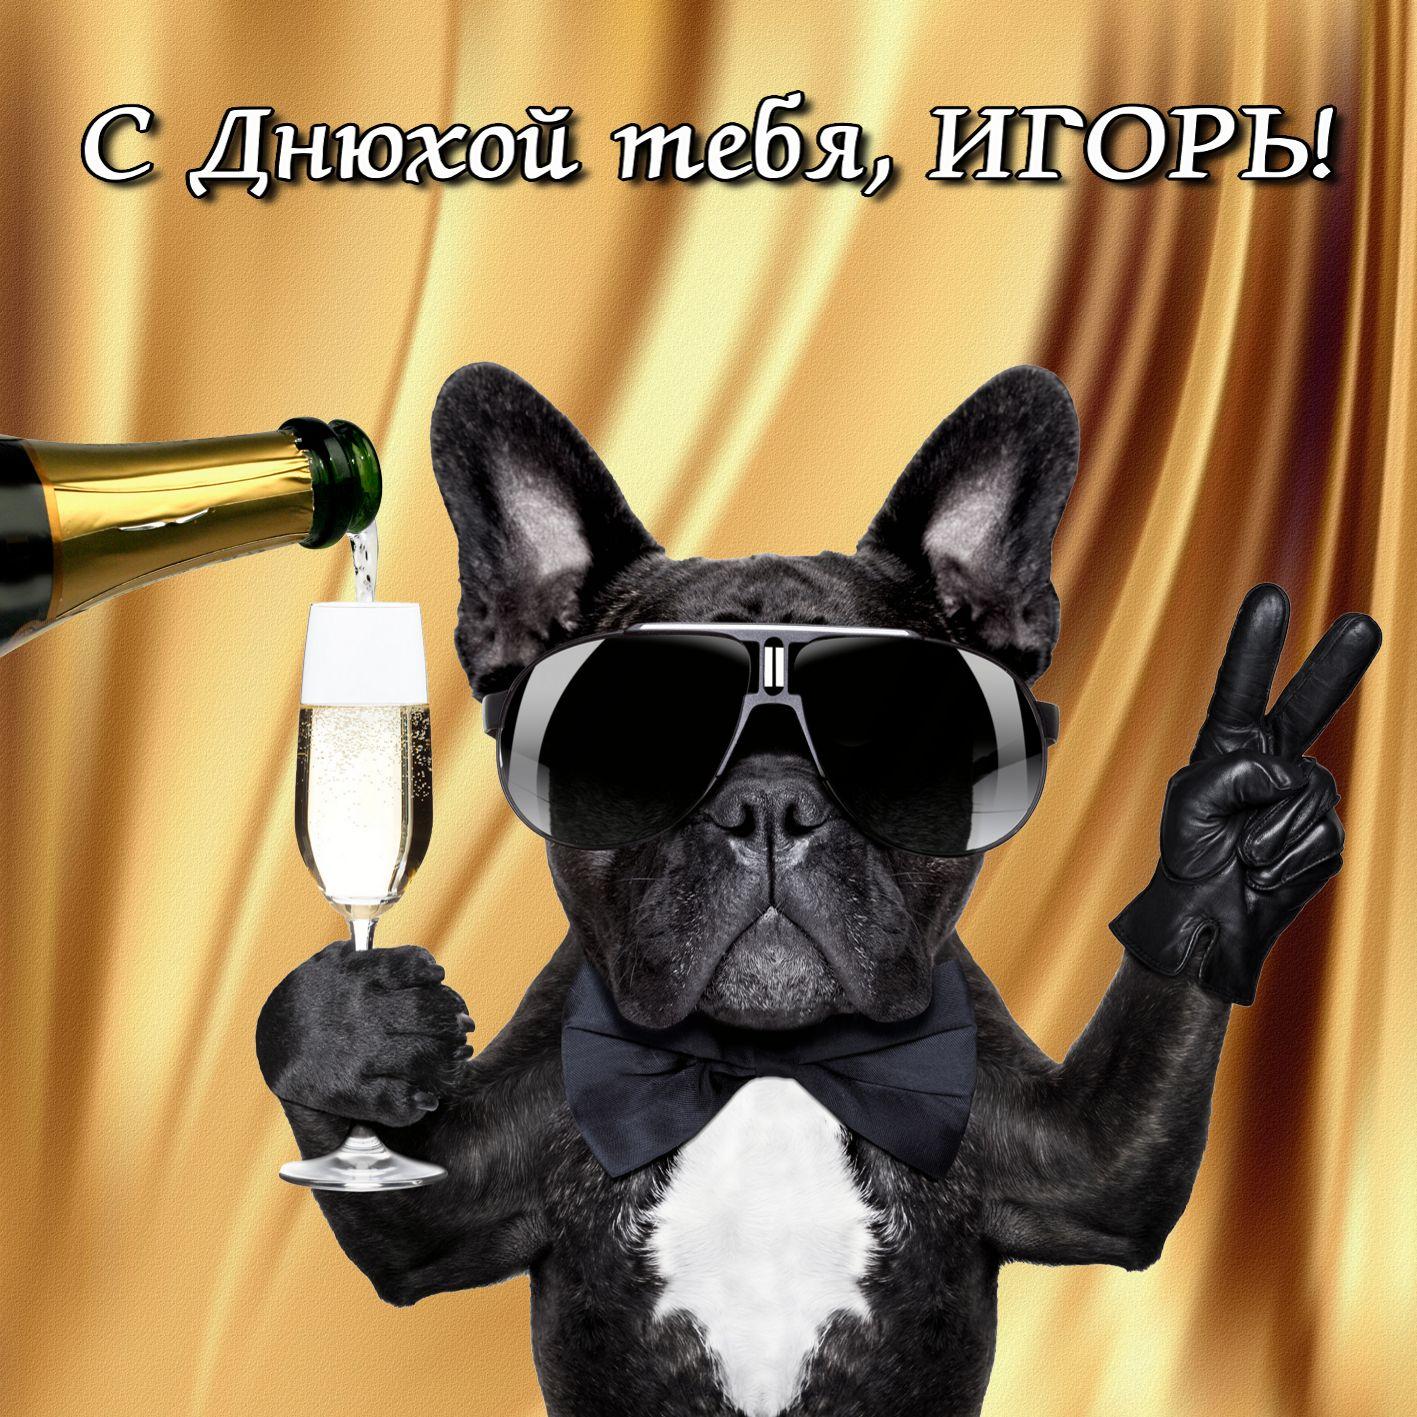 Пес в очках поздравляет Игоря